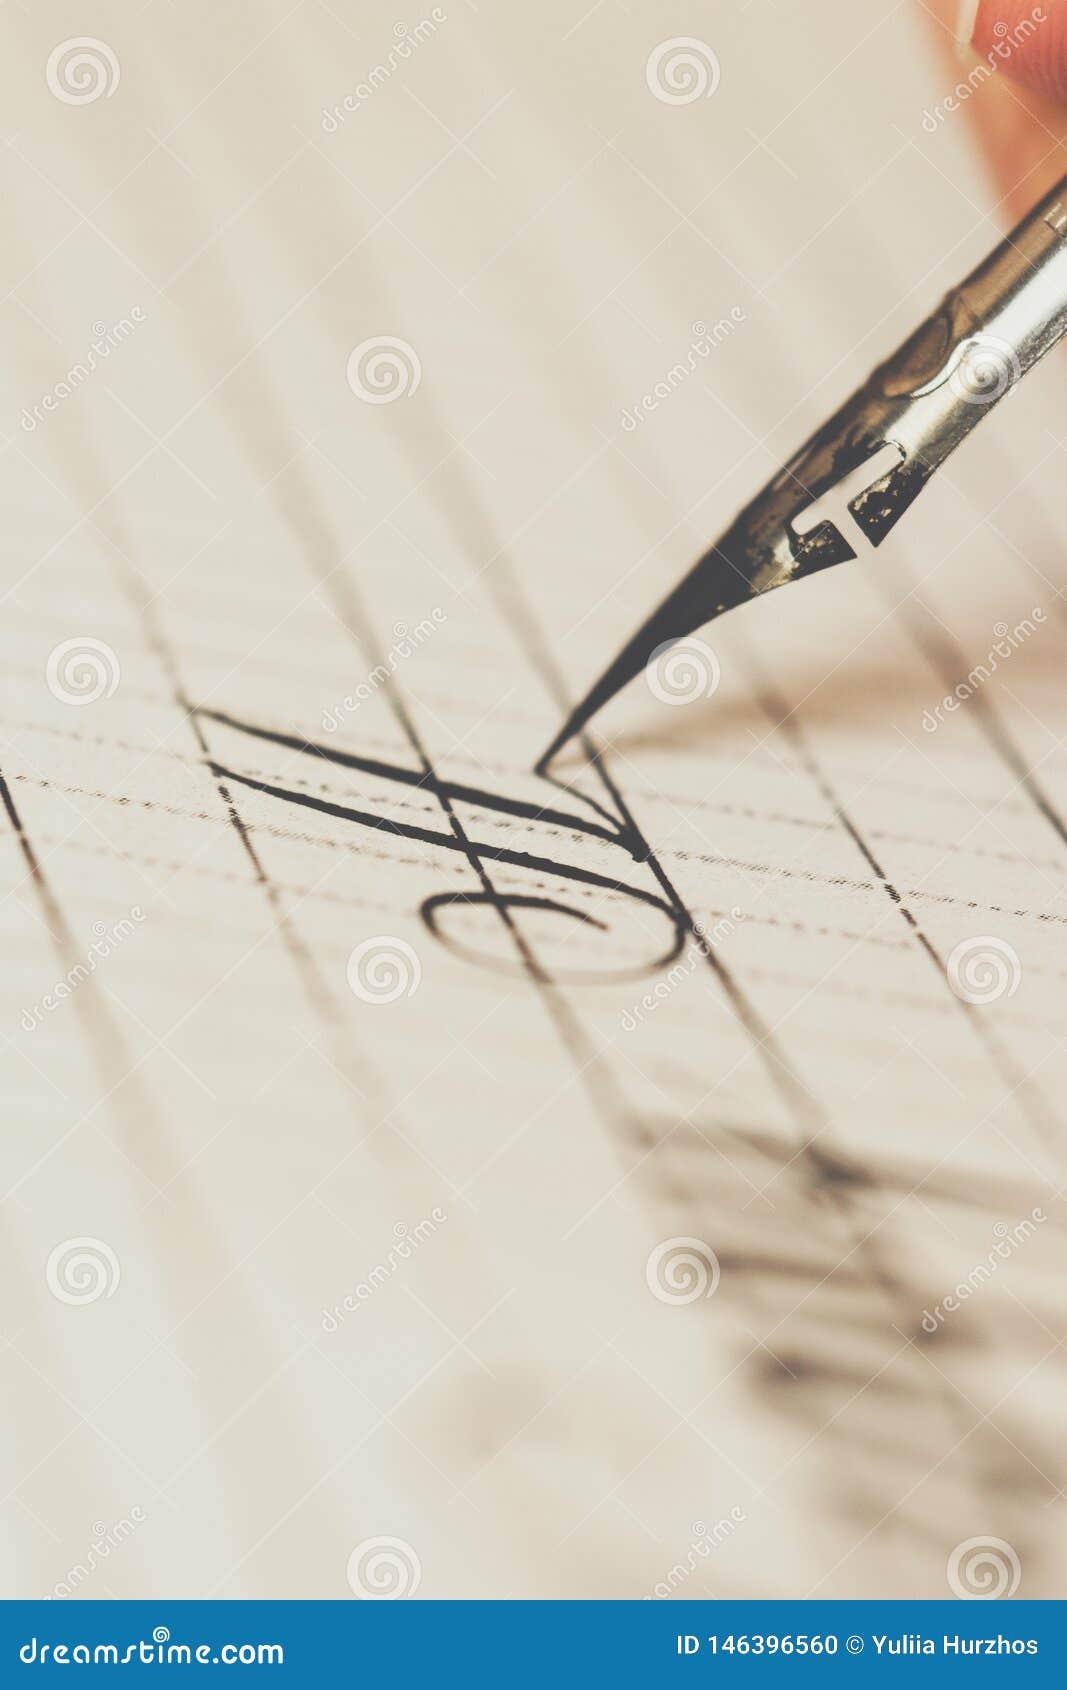 De vrouwelijke hand schrijft met de met inkt besmeurde pen op een Witboekblad met strepen kantoorbehoeften op bureau dichte omhoo